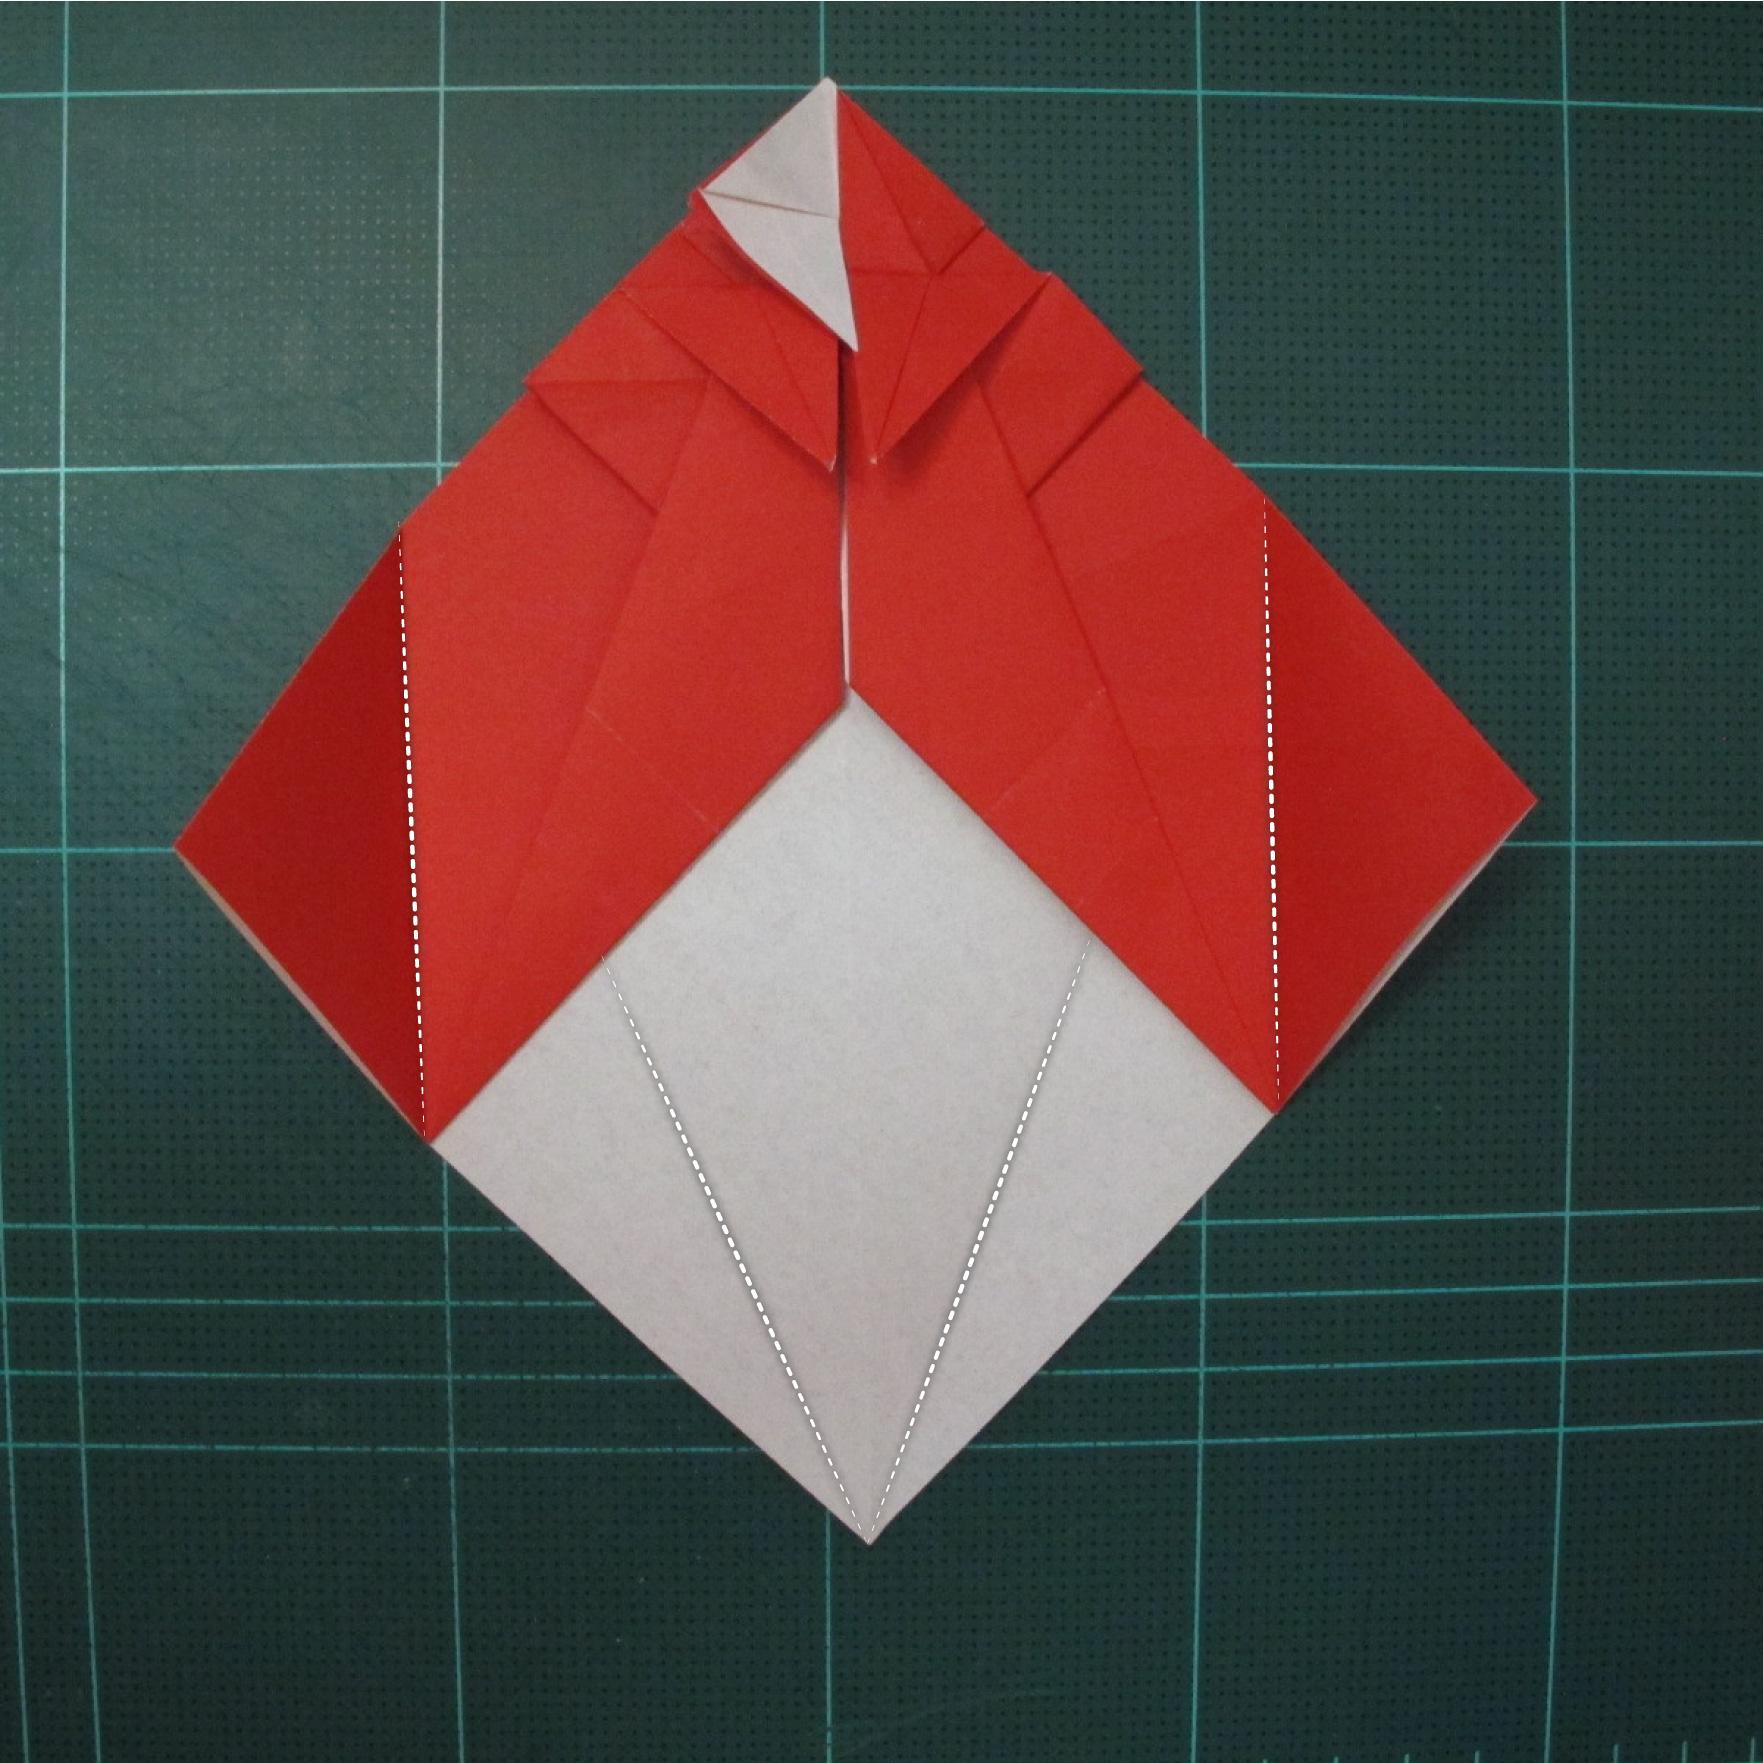 การพับกระดาษเป็นรูปสัตว์ประหลาดก็อตซิล่า (Origami Gozzila) 025